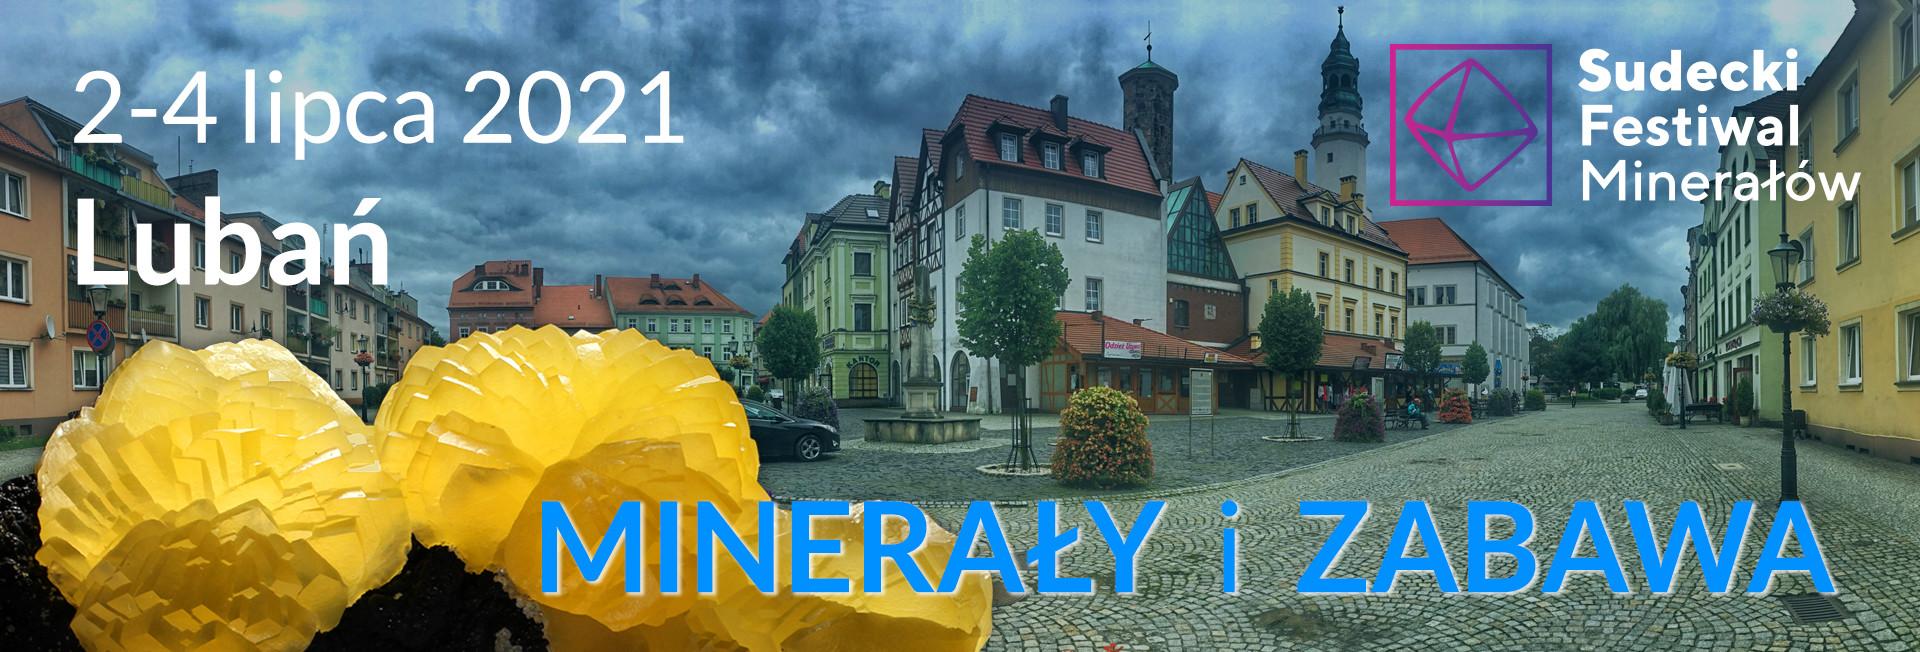 Sudecki Festiwal Minerałów home